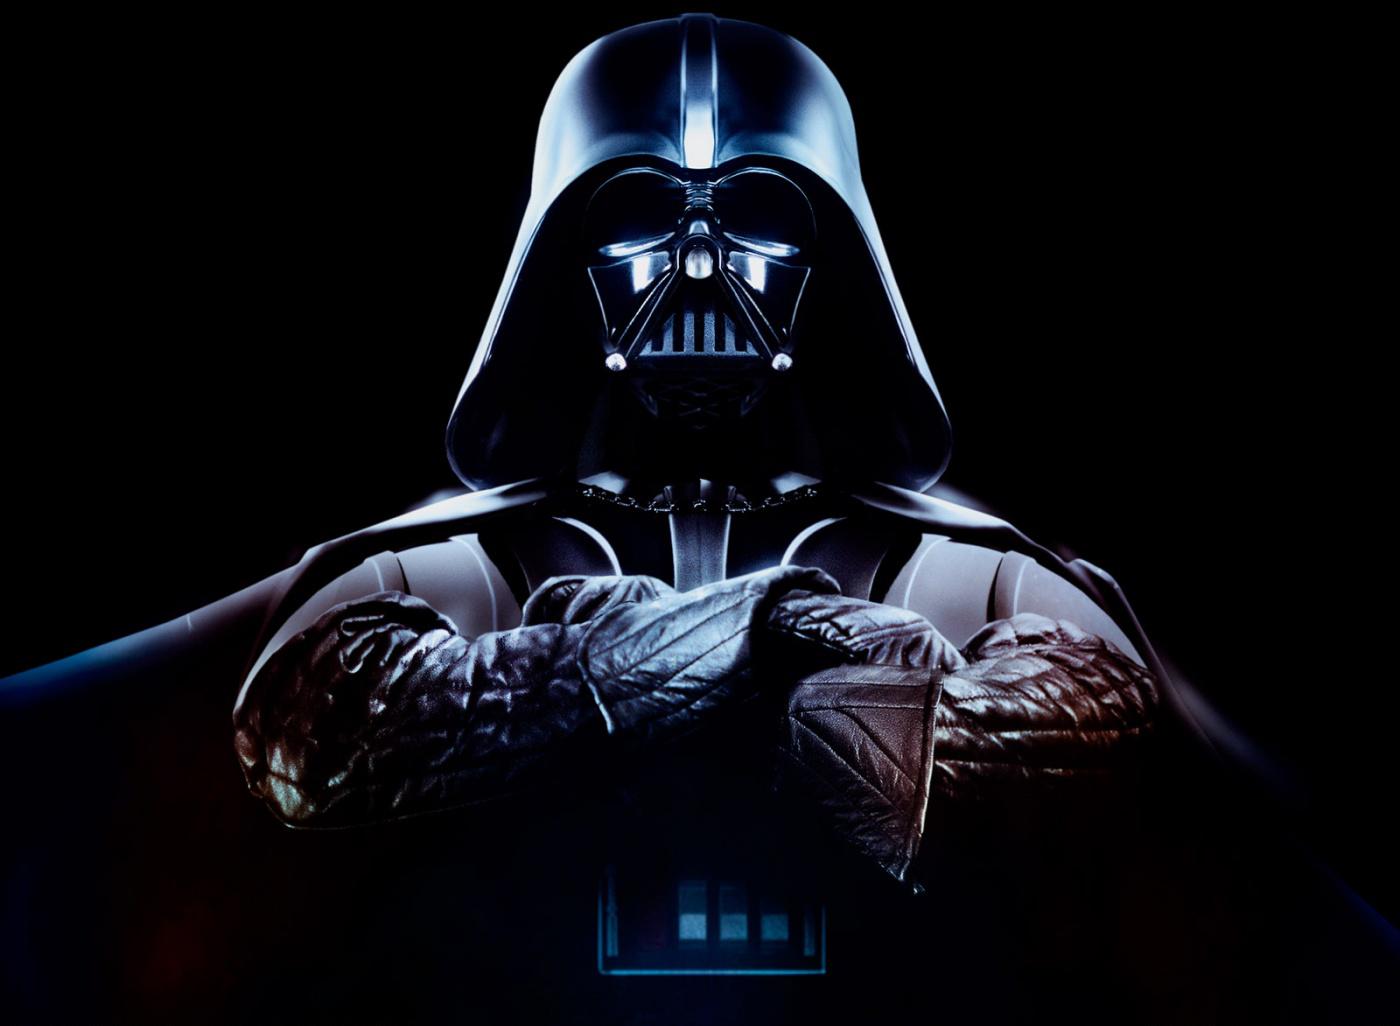 Star Wars The Force Unleashed Art HD desktop wallpaper